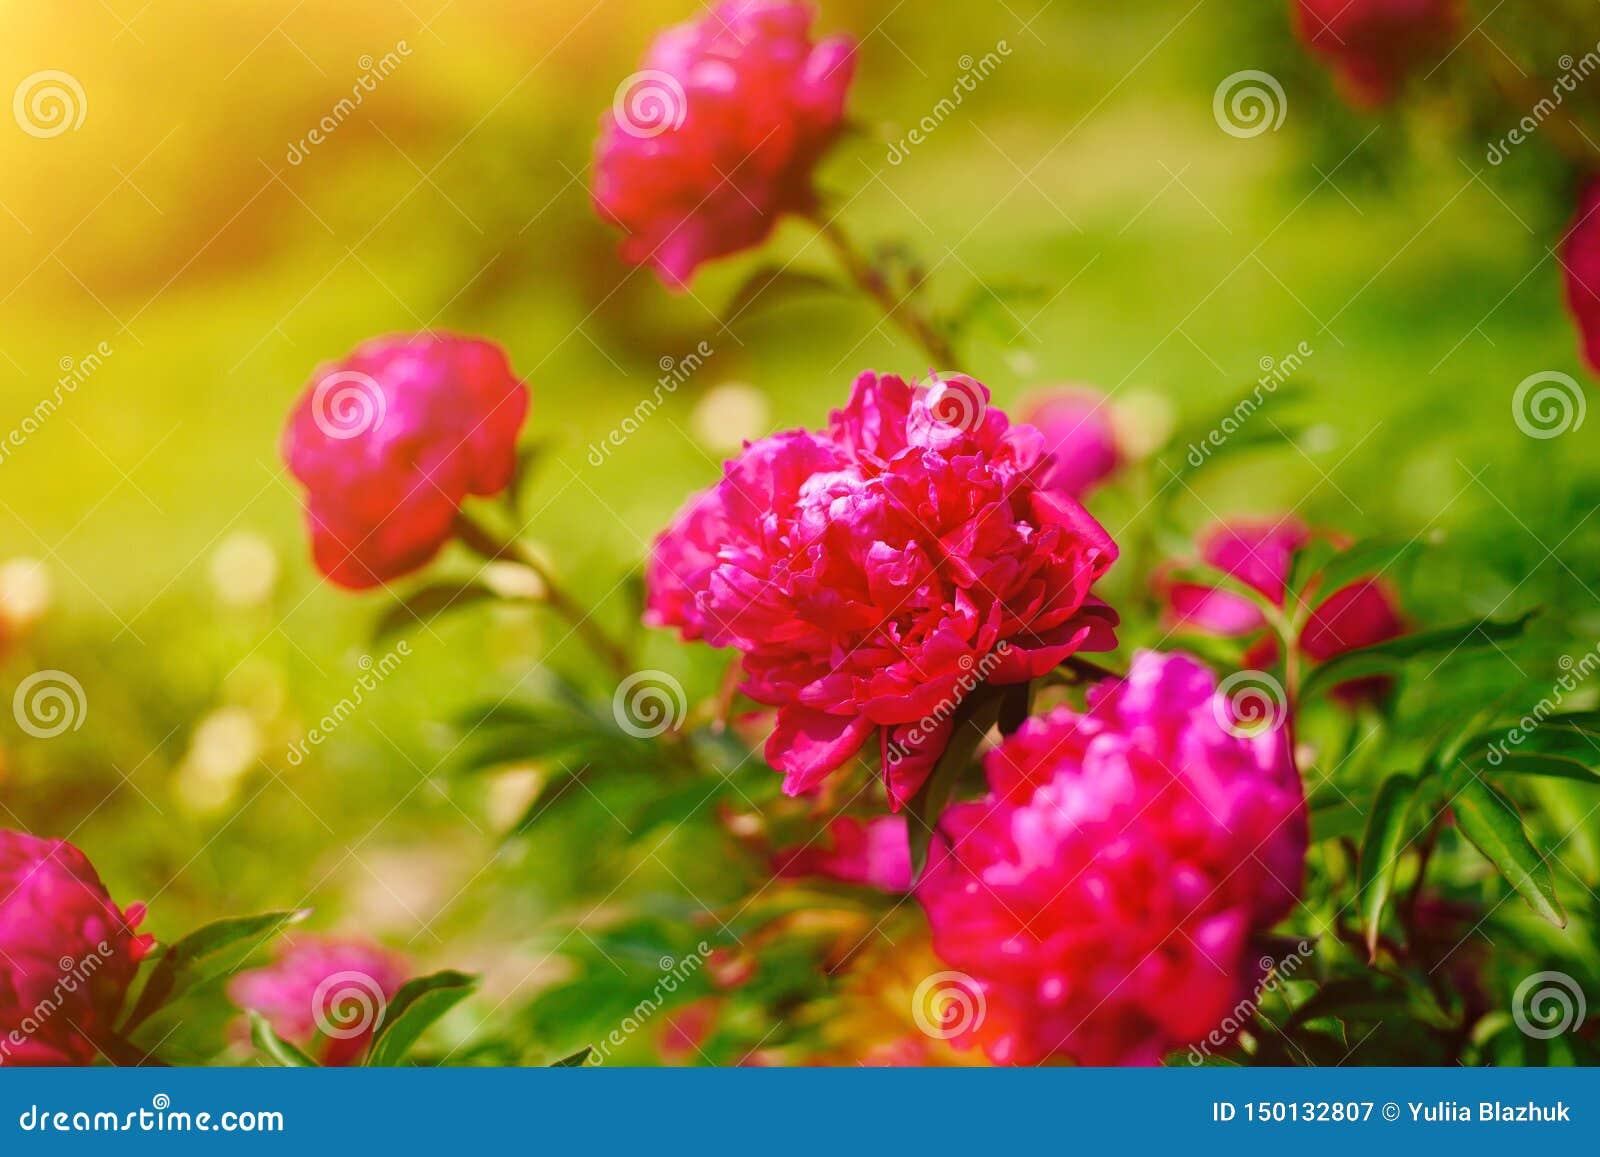 Rode bloempioen die in pioenentuin tot bloei komen Mooi vers groen gras en zacht zonlicht op de achtergrond